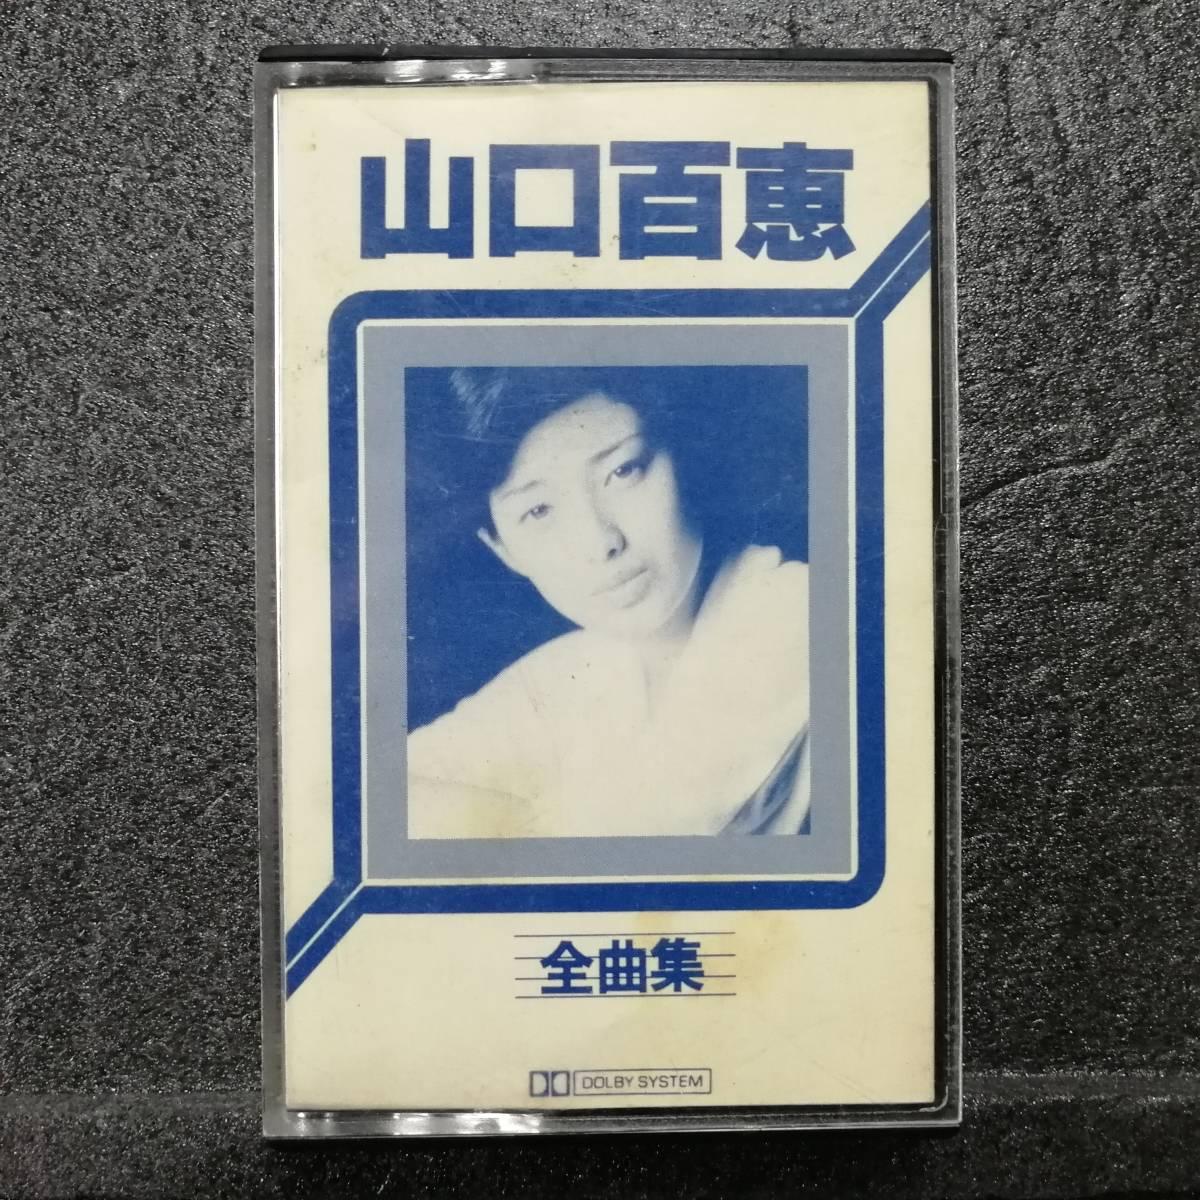 カセットテープ 山口百恵 全曲集_画像1